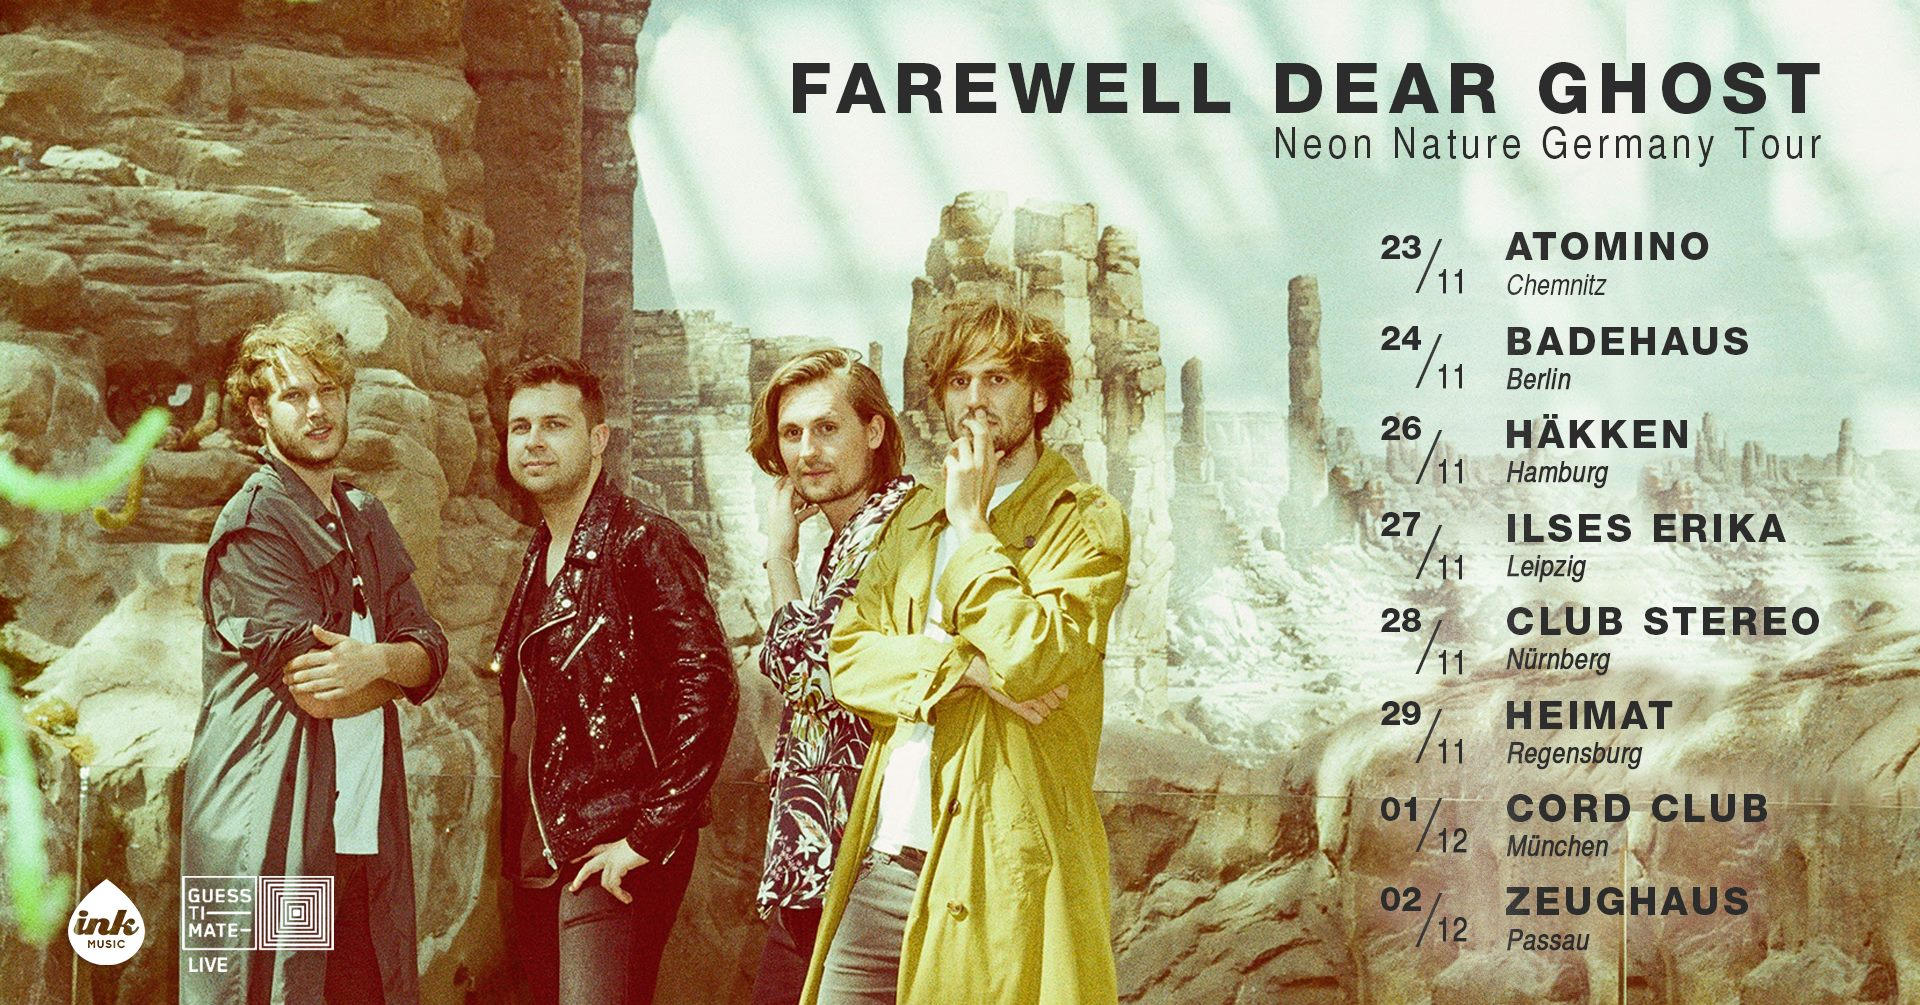 Farewell Dear Ghost